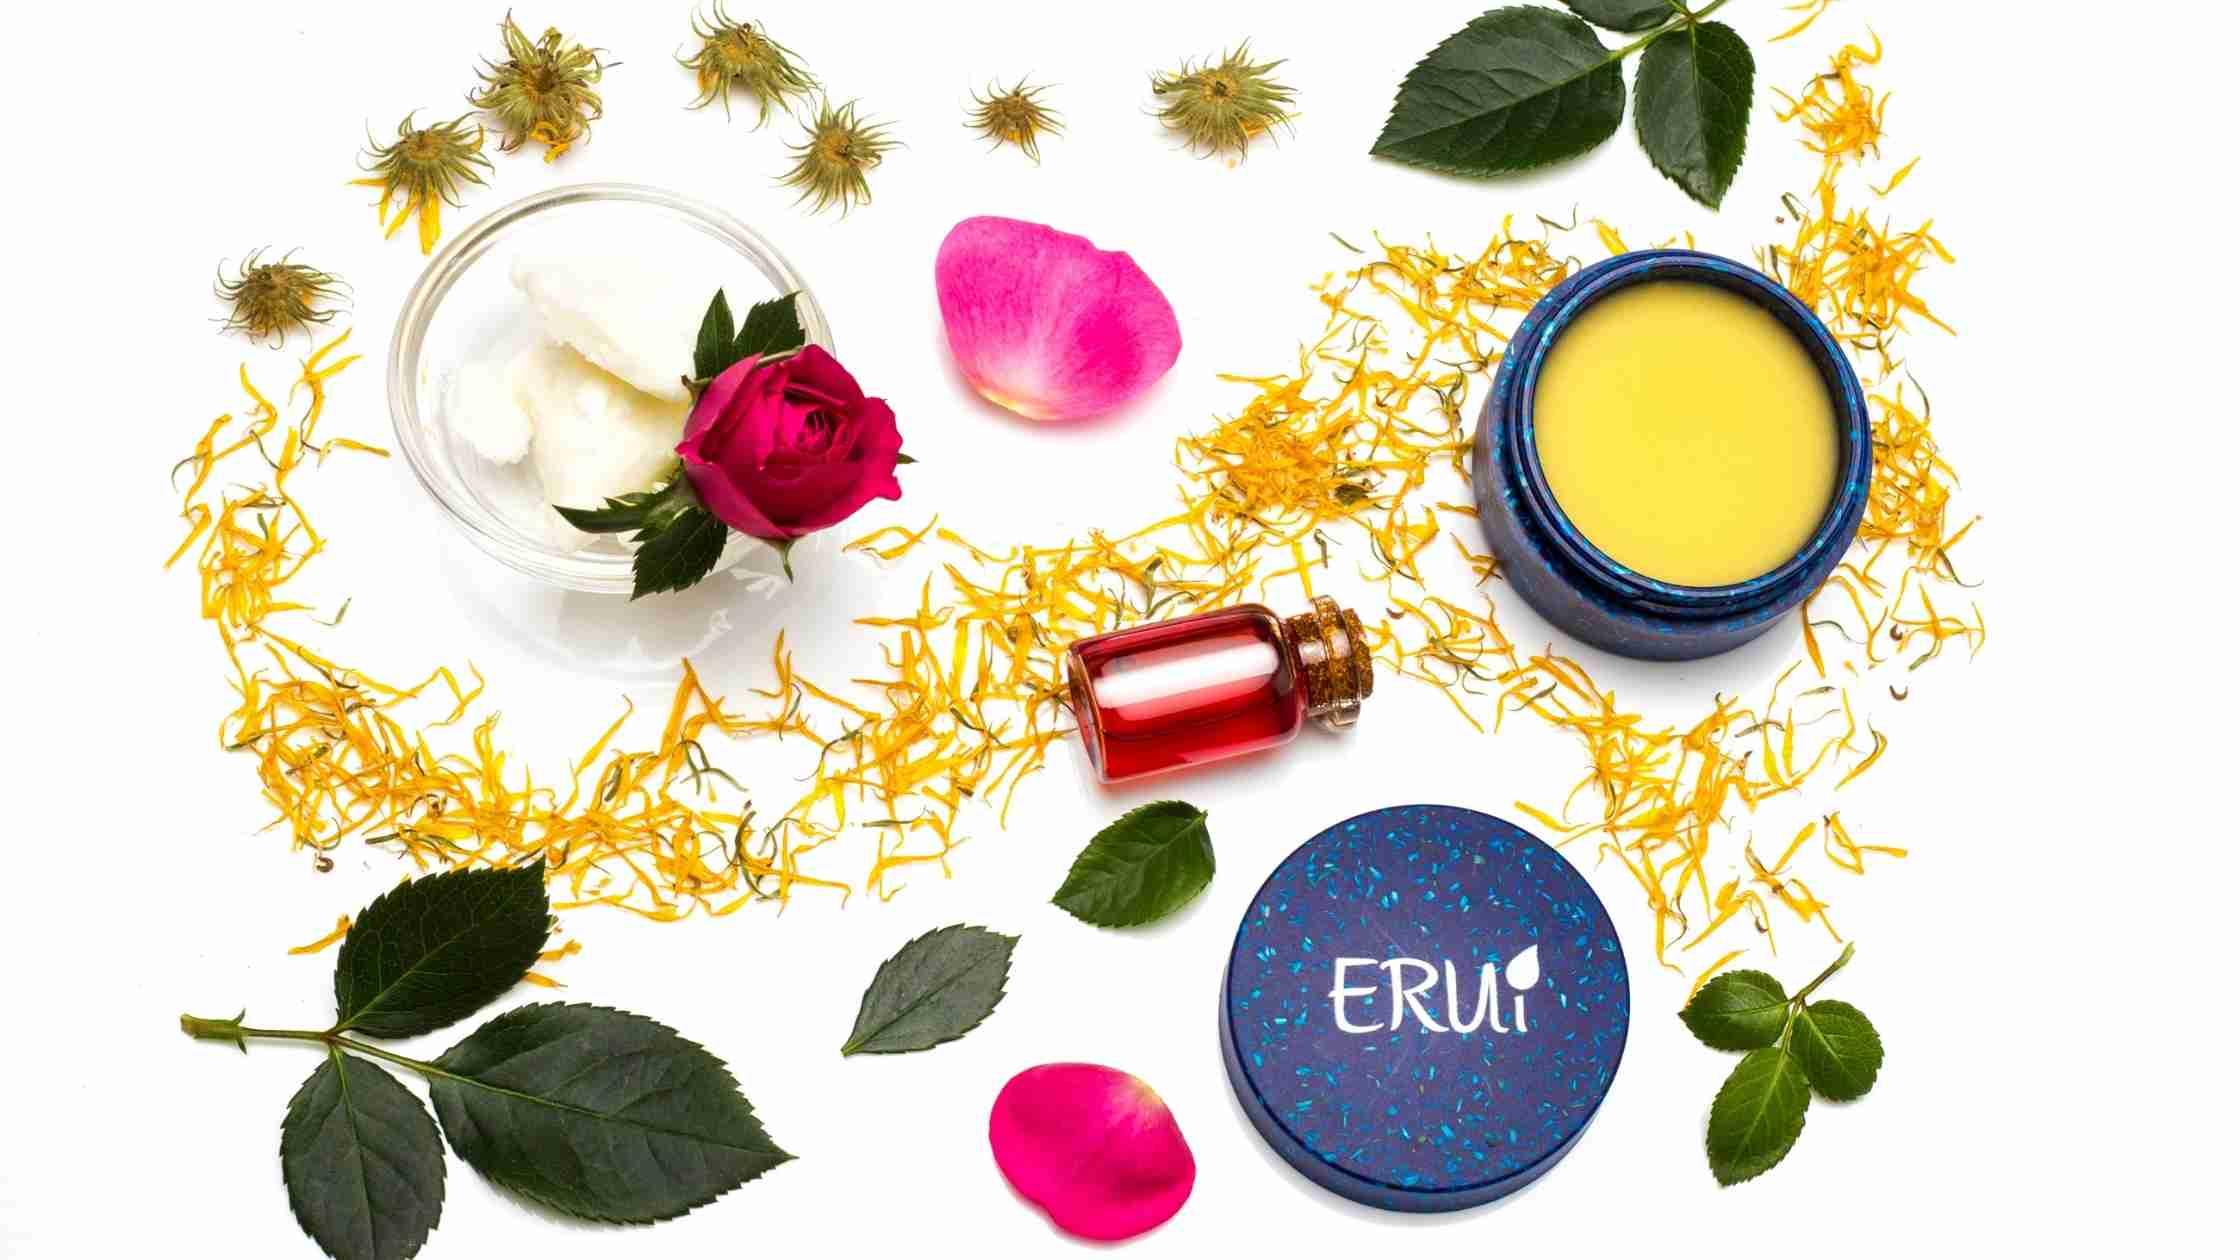 Naravna kozmetika - kako prepoznati certificirano naravno kozmetiko